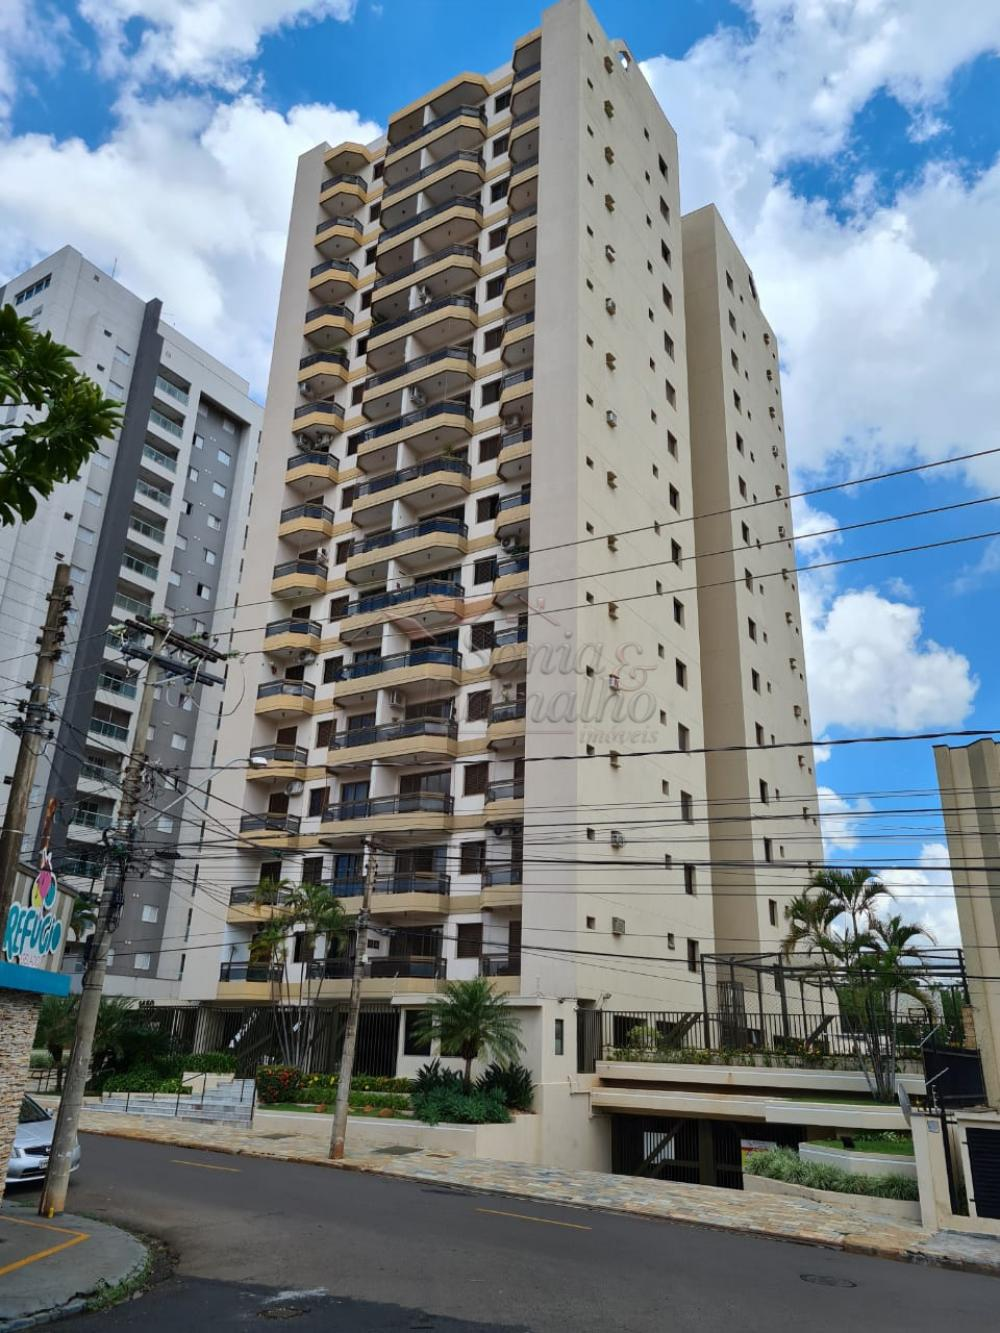 Comprar Apartamentos / Padrão em Ribeirão Preto apenas R$ 375.000,00 - Foto 1